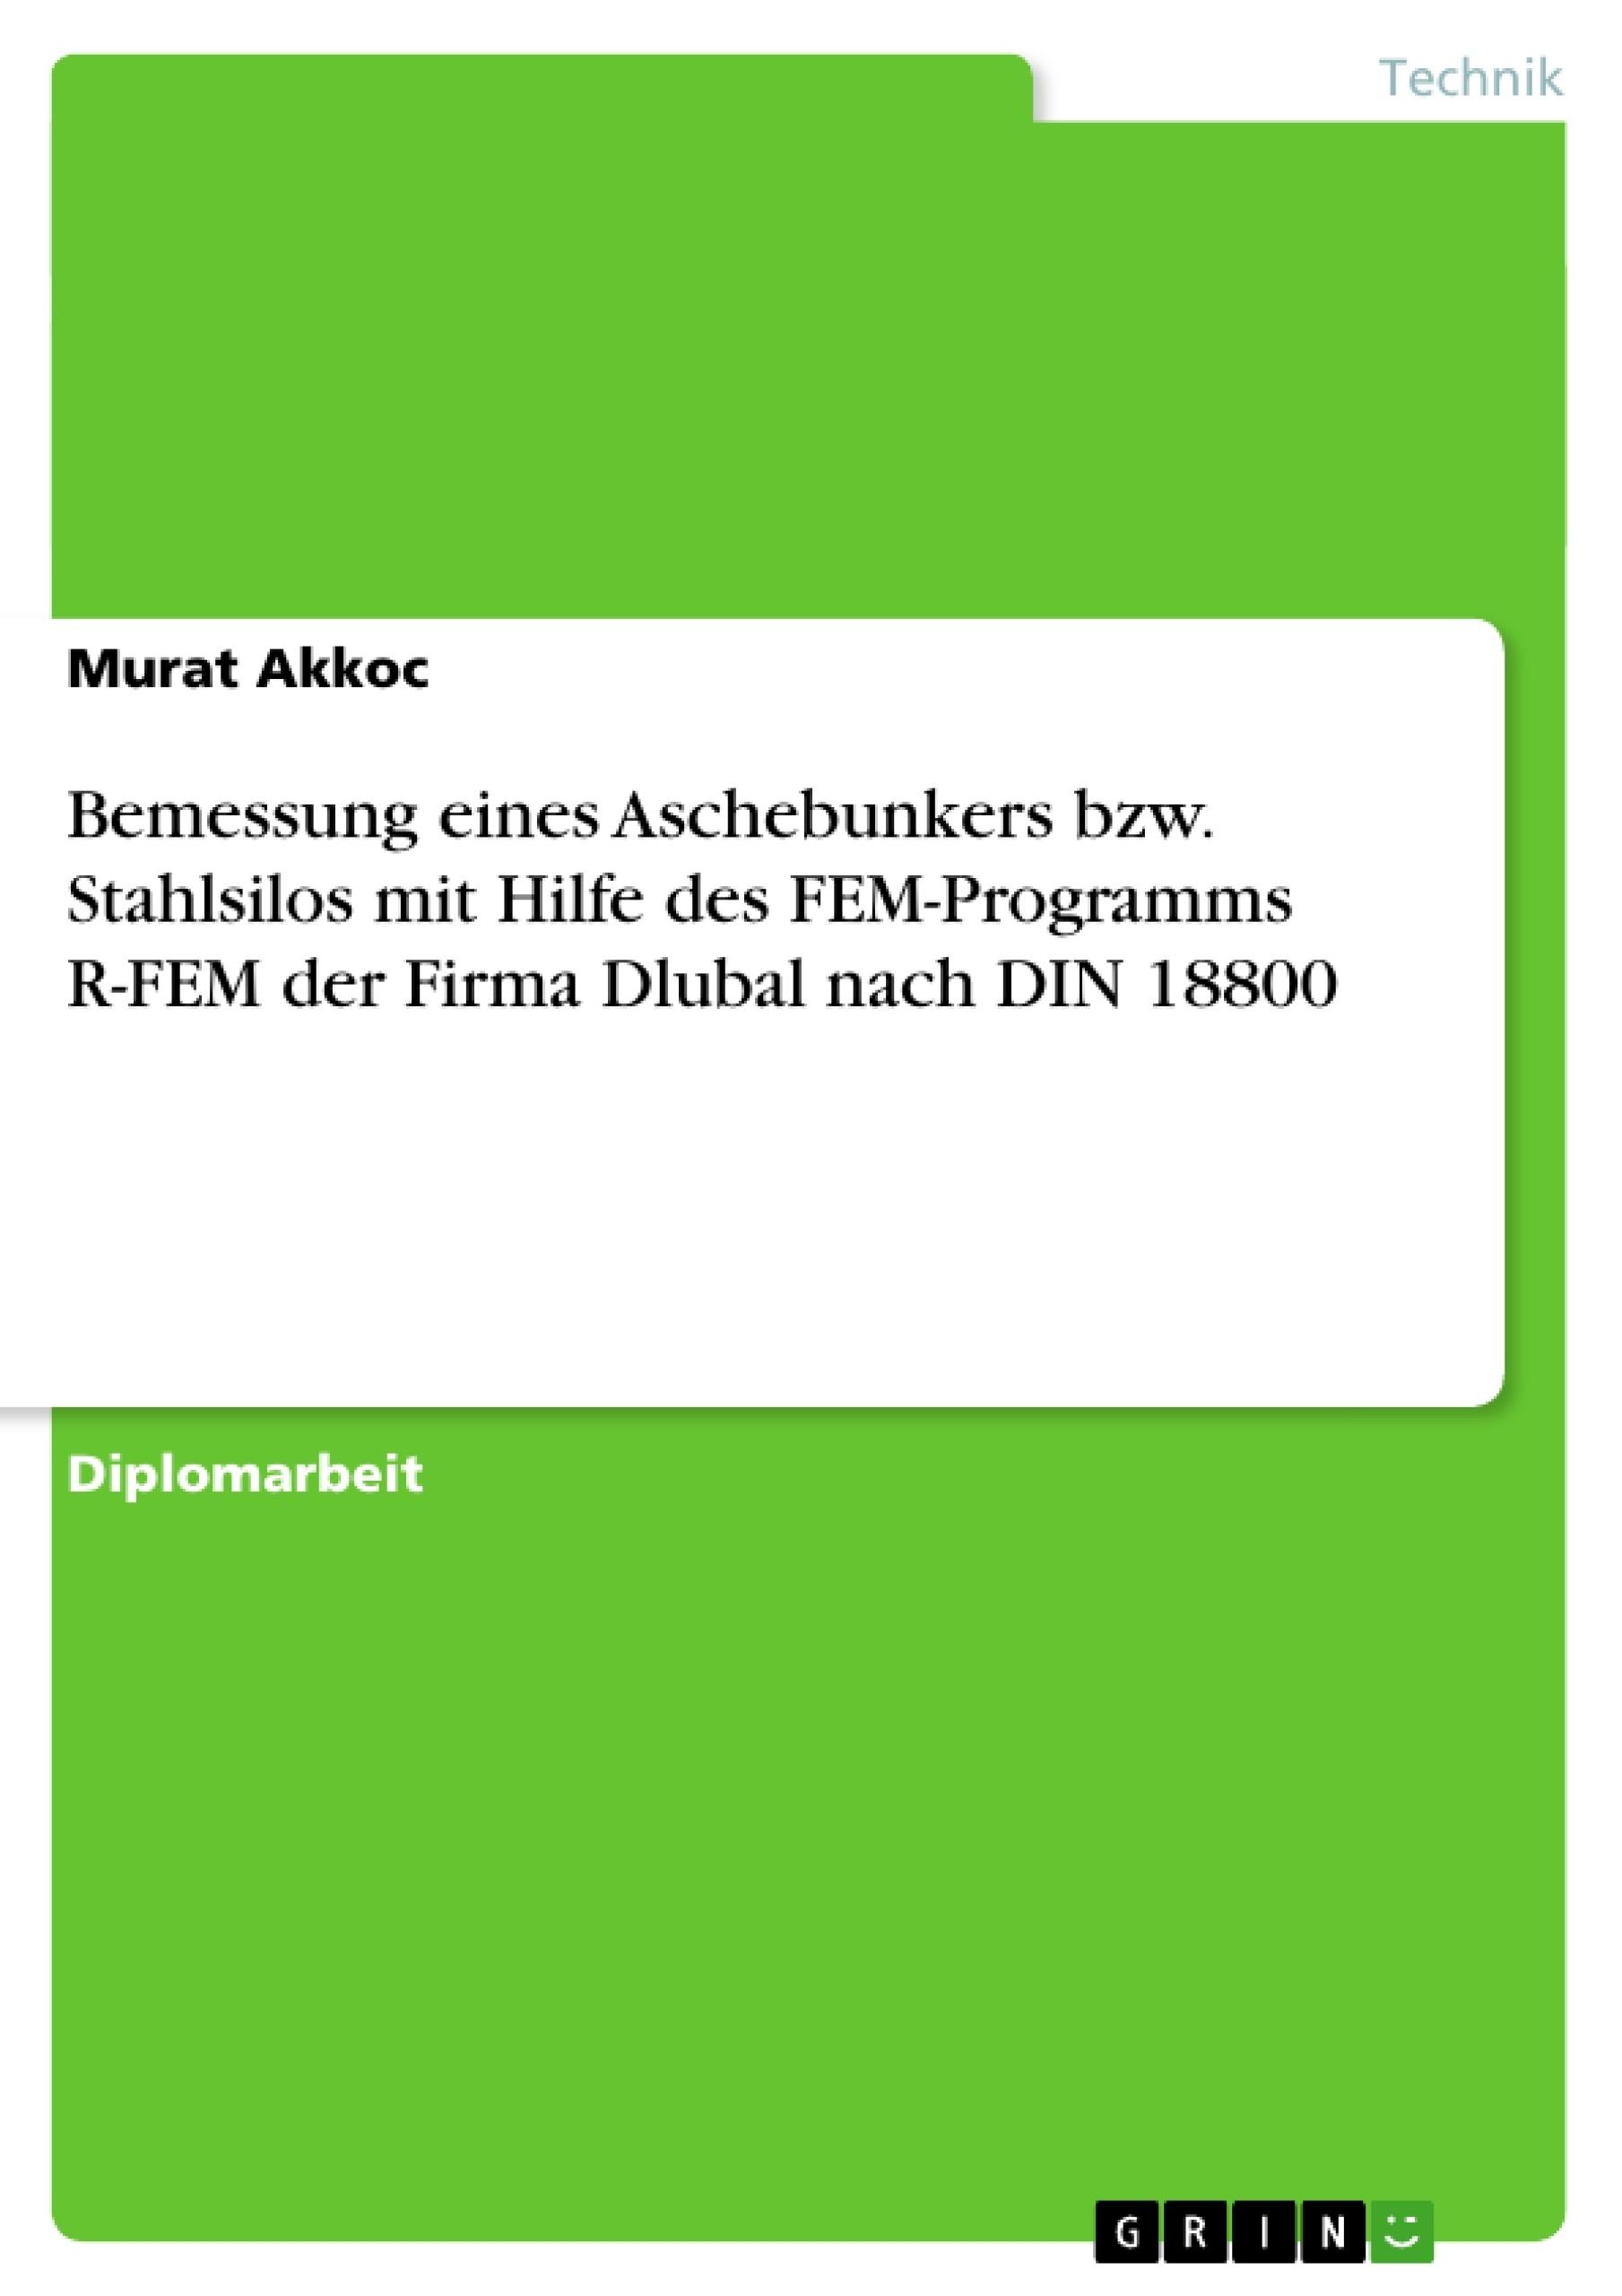 Titel: Bemessung eines Aschebunkers bzw. Stahlsilos mit Hilfe des FEM-Programms R-FEM der Firma Dlubal nach DIN 18800